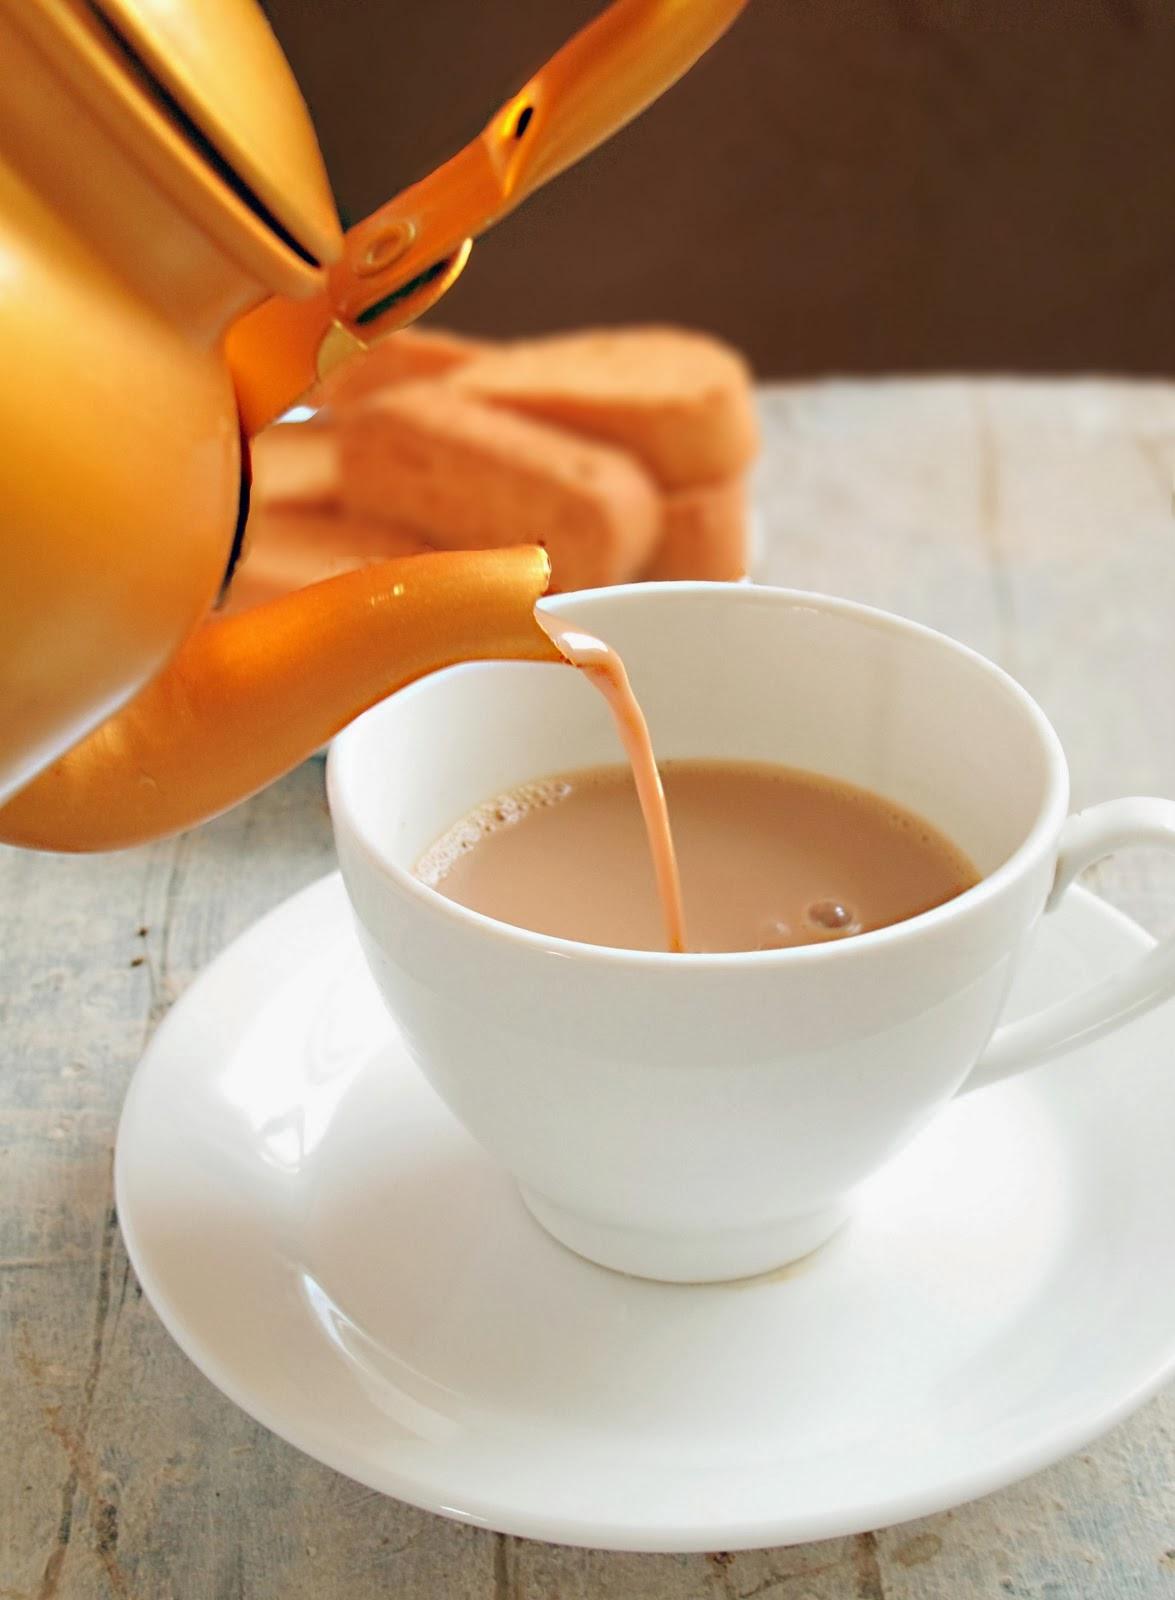 طريقة الشاي بالحليب مطبخ milktea.jpg